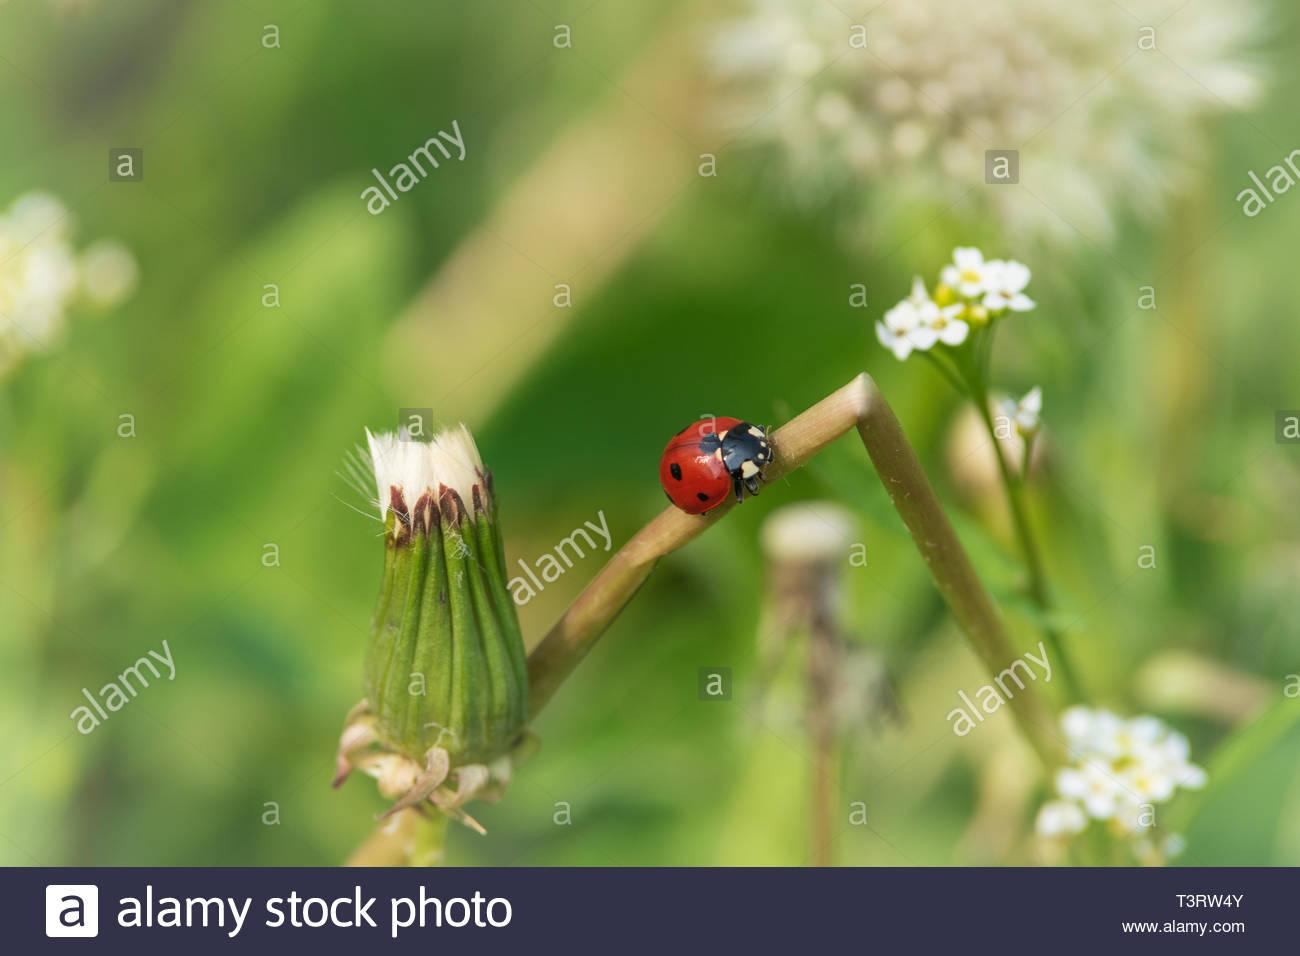 Nahaufnahme Von Roten Marienkäfer Auf Weißem Löwenzahn Blume